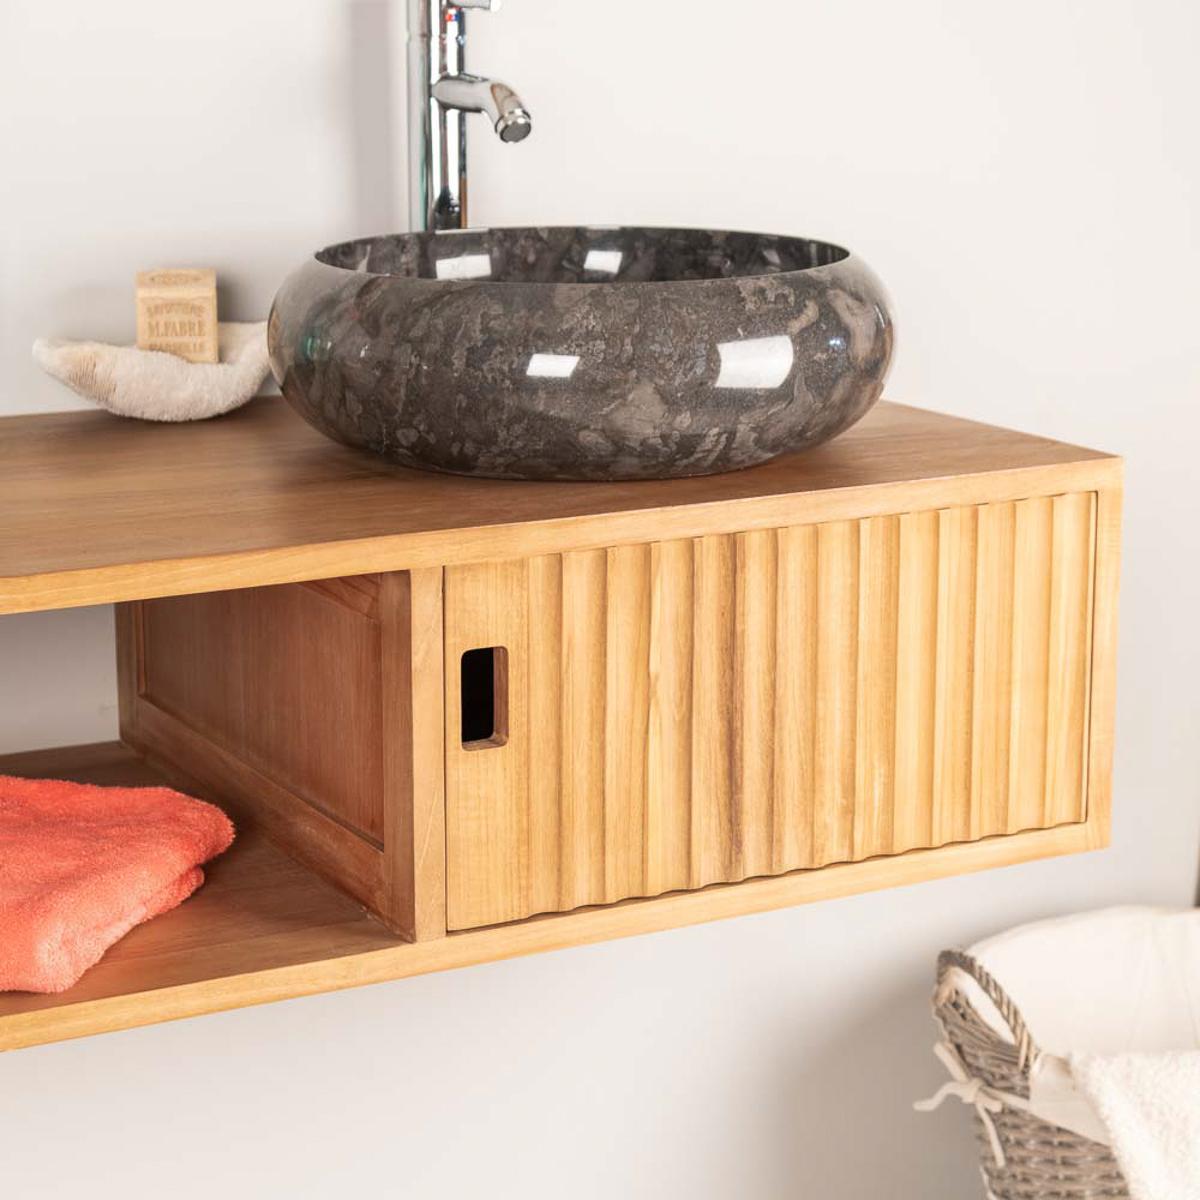 Vasque Salle De Bain A Suspendre meuble de salle de bain suspendu double vasque en teck mya 145 cm